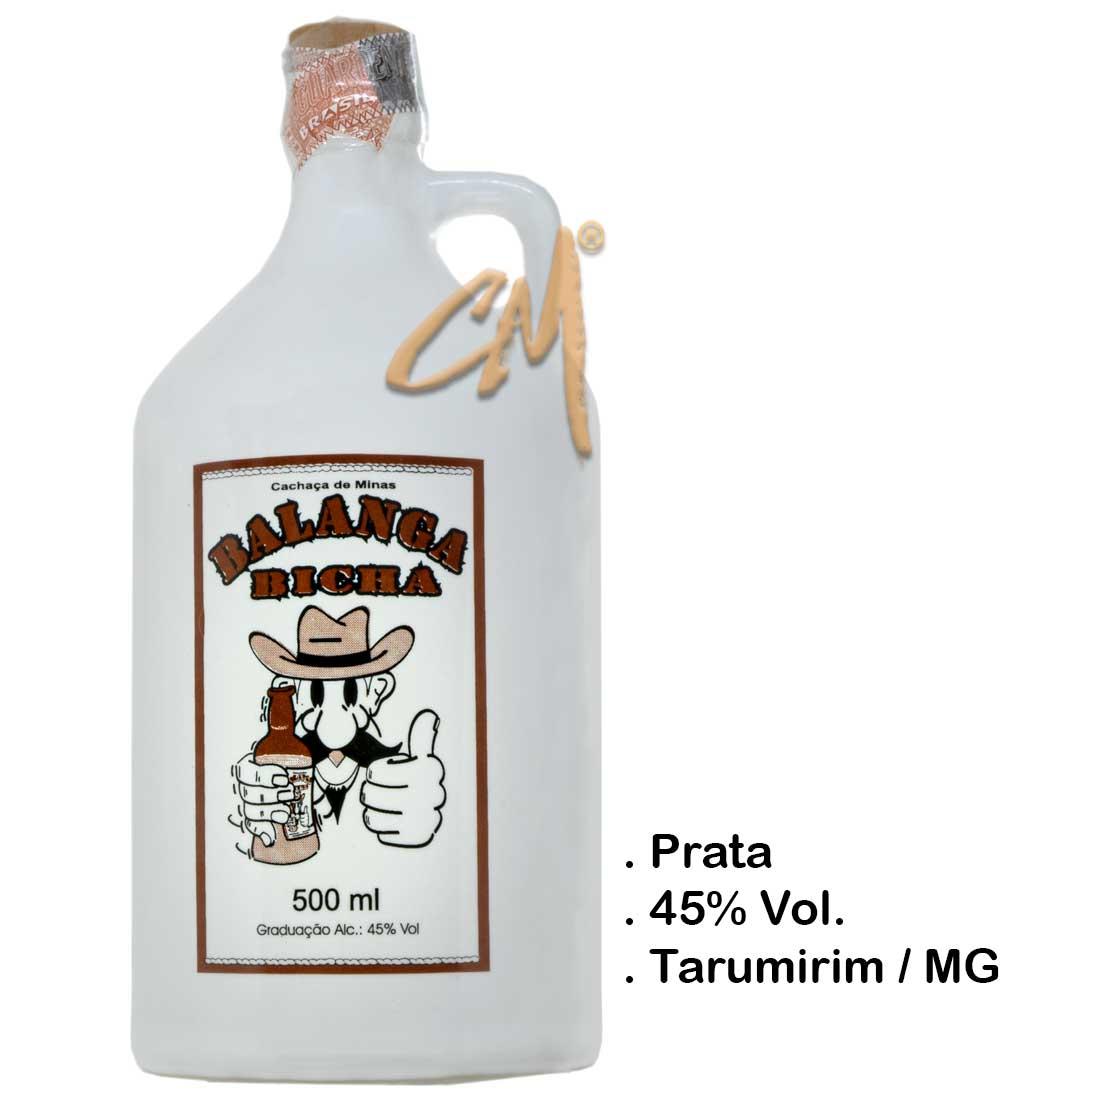 Cachaça Balanga Bicha Louça 500 ml (Tarumirim - MG)